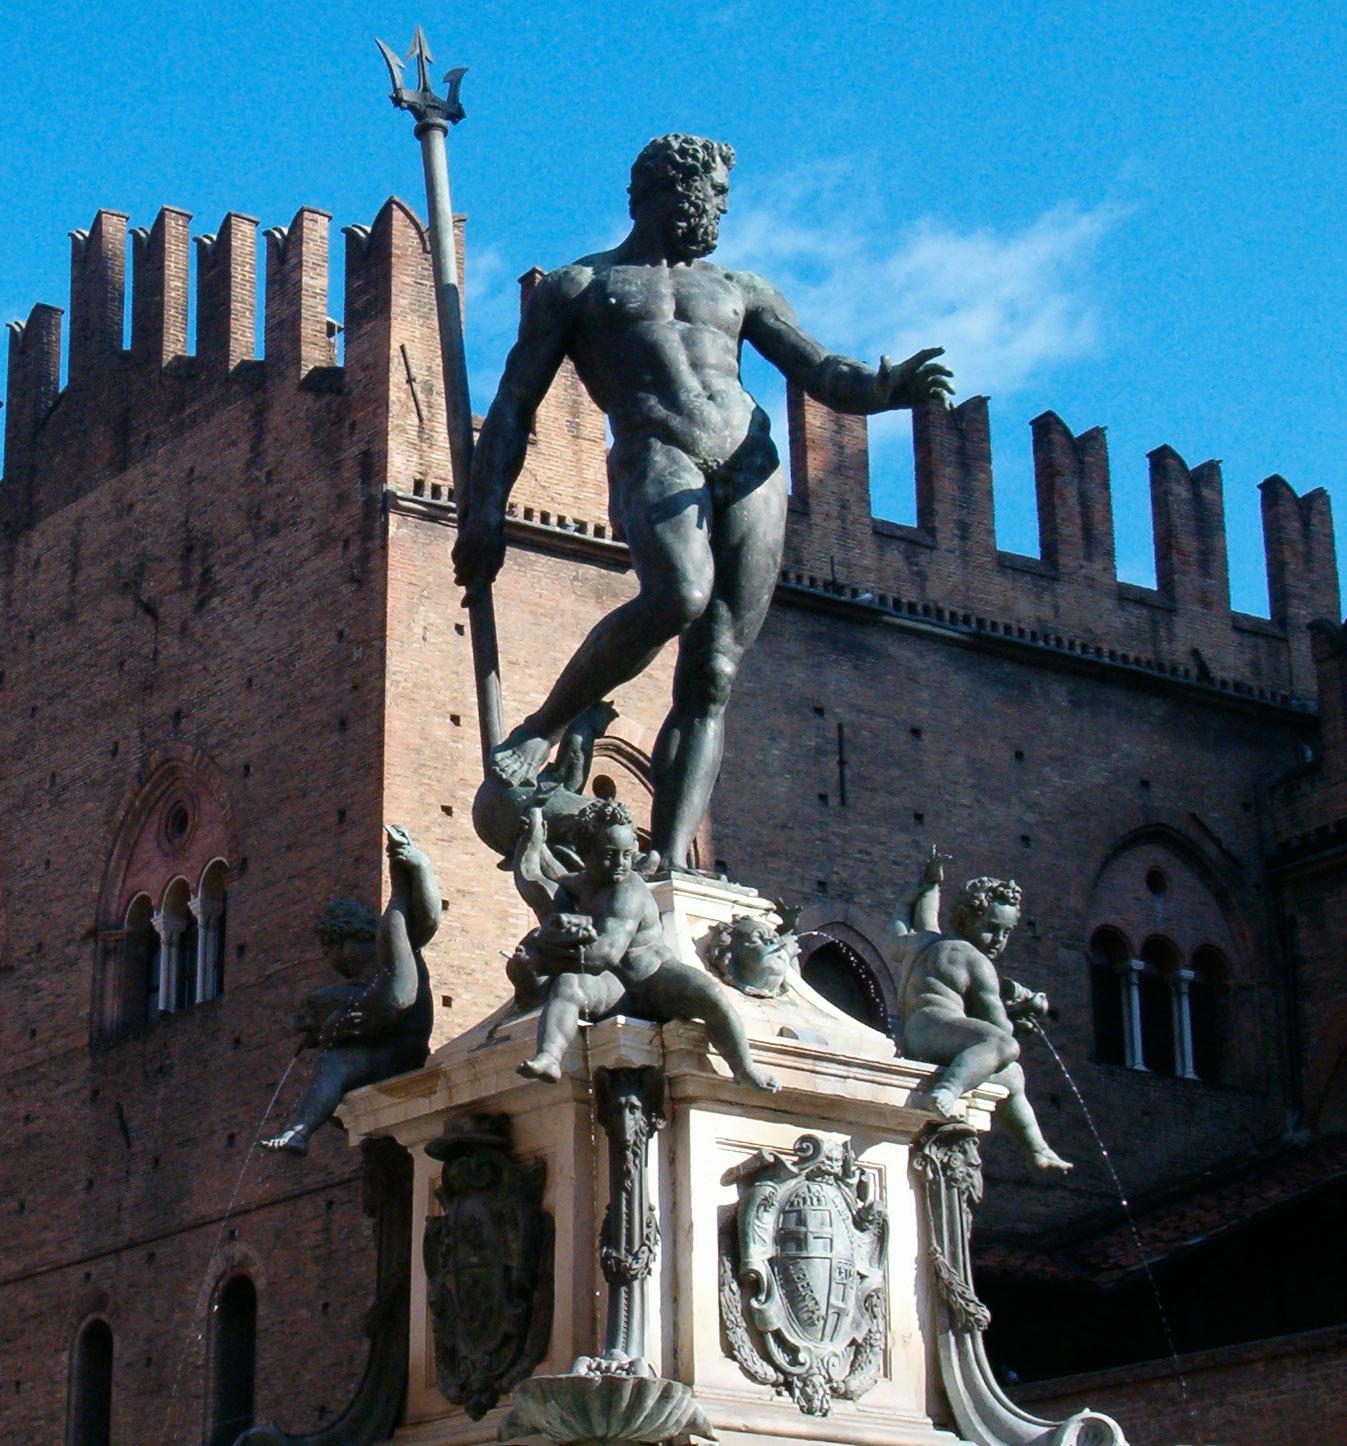 Bologna_fontana_del_Nettuno_07feb08_03